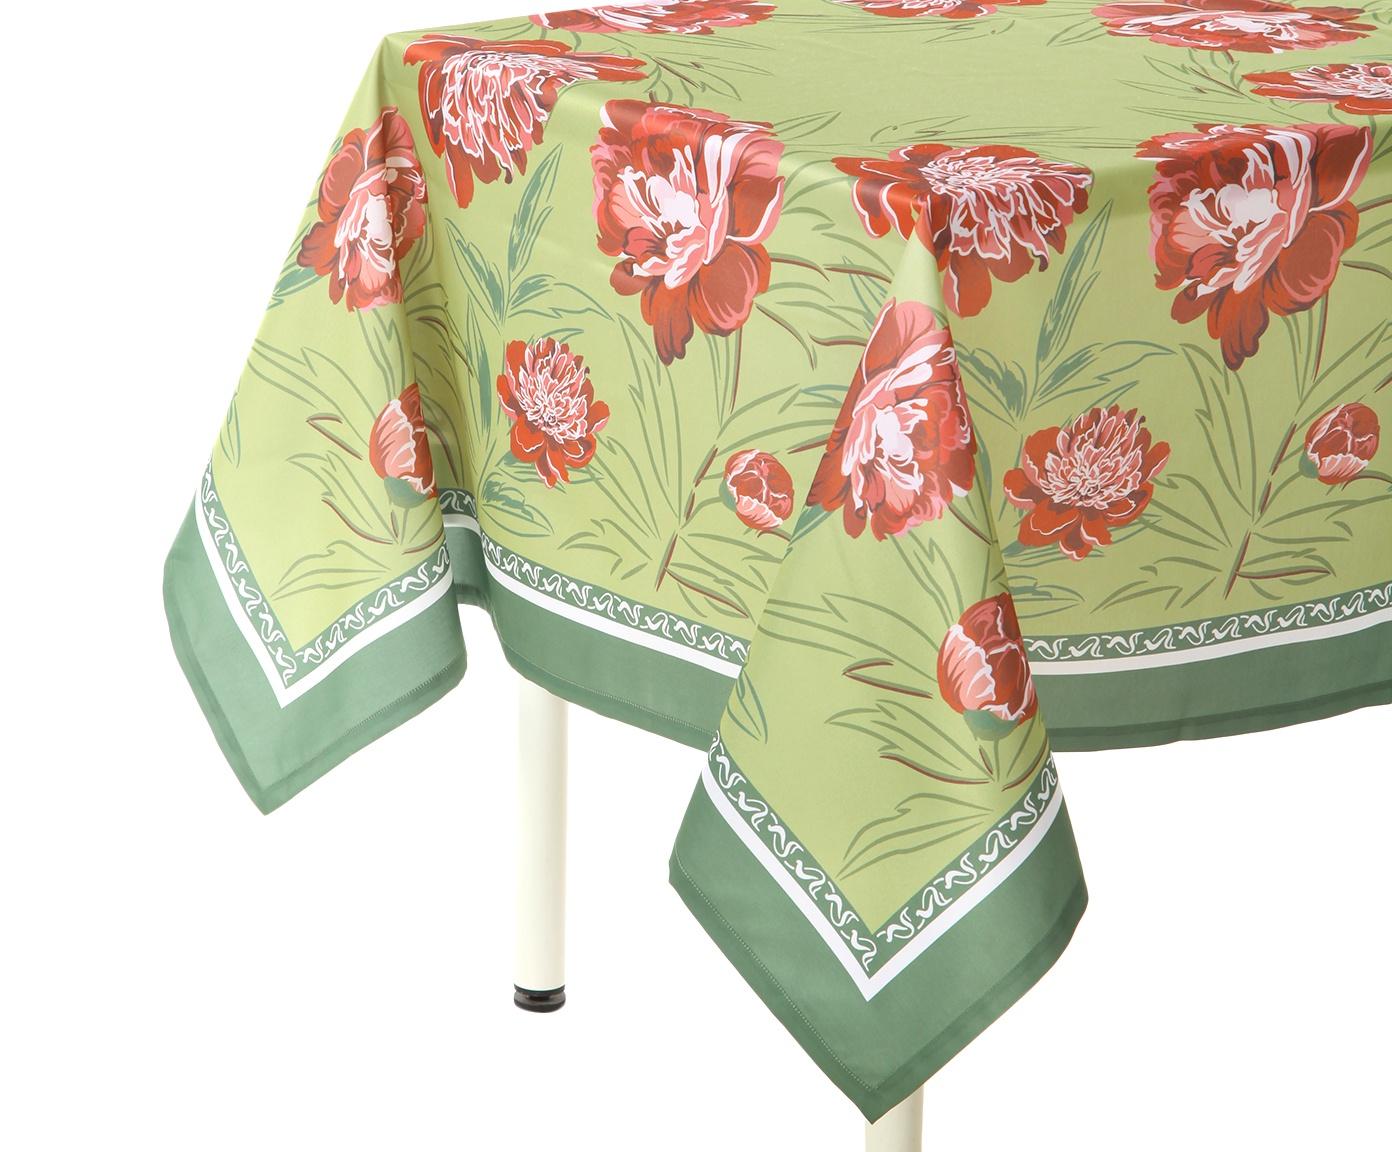 """Скатерть Blonder Home ETERI, зеленый, красный18-140Кухонный текстиль коллекции """"ETERI"""" украсит интерьер своим цветочным дизайном и подарит вам хорошее настроение. Скатерть и салфетки не потеряют форму, а насыщенные цвета не побледнеют даже после неоднократной стирки. Благодаря водоотталкивающей пропитке и защите от грязи и пятен, их легко очистить и они будут радовать вас долгое время."""